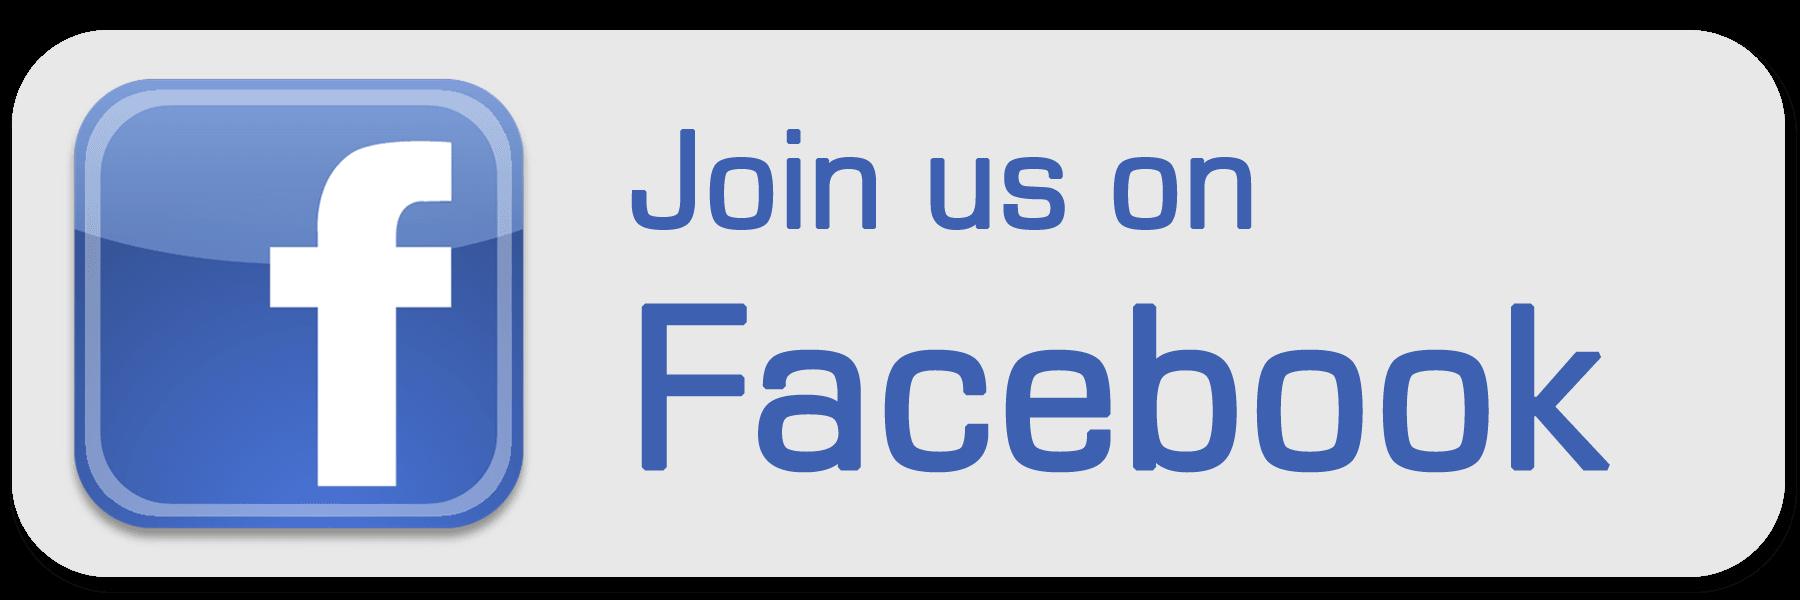 facebookIcon2